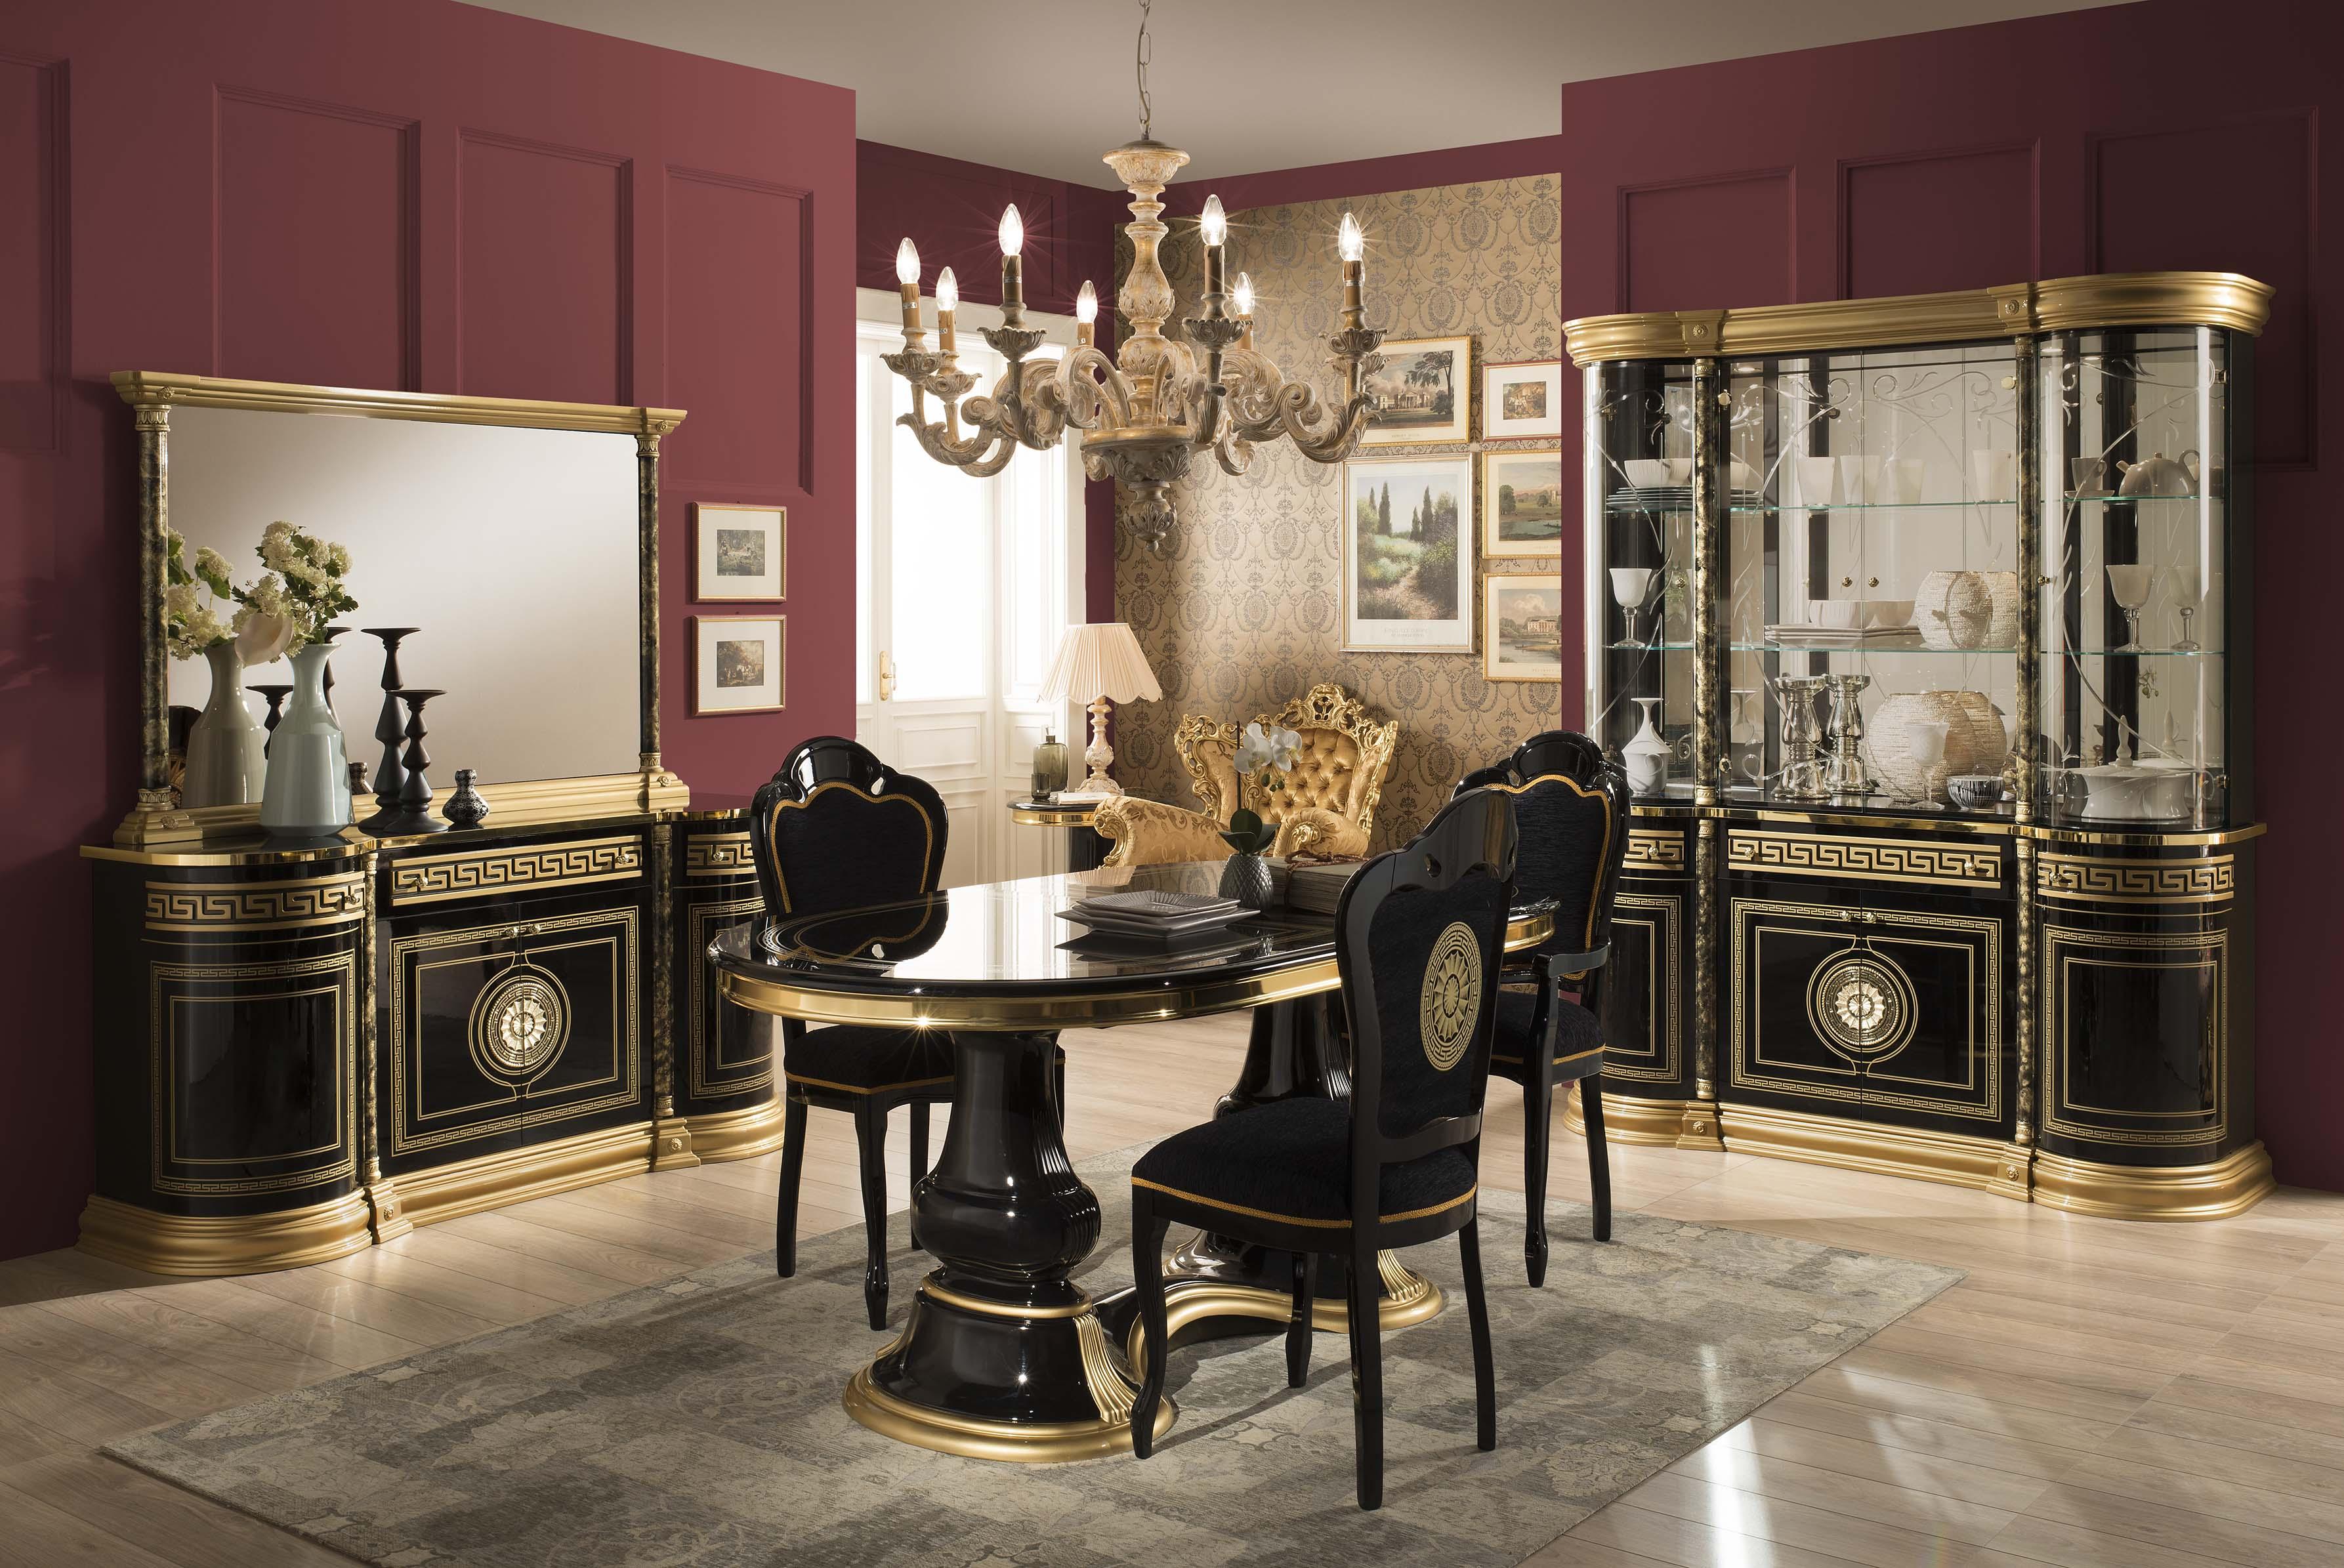 Beau Esszimmer Venus Mit 4 Stüheln In Schwarz Gold Klassisch Elegant